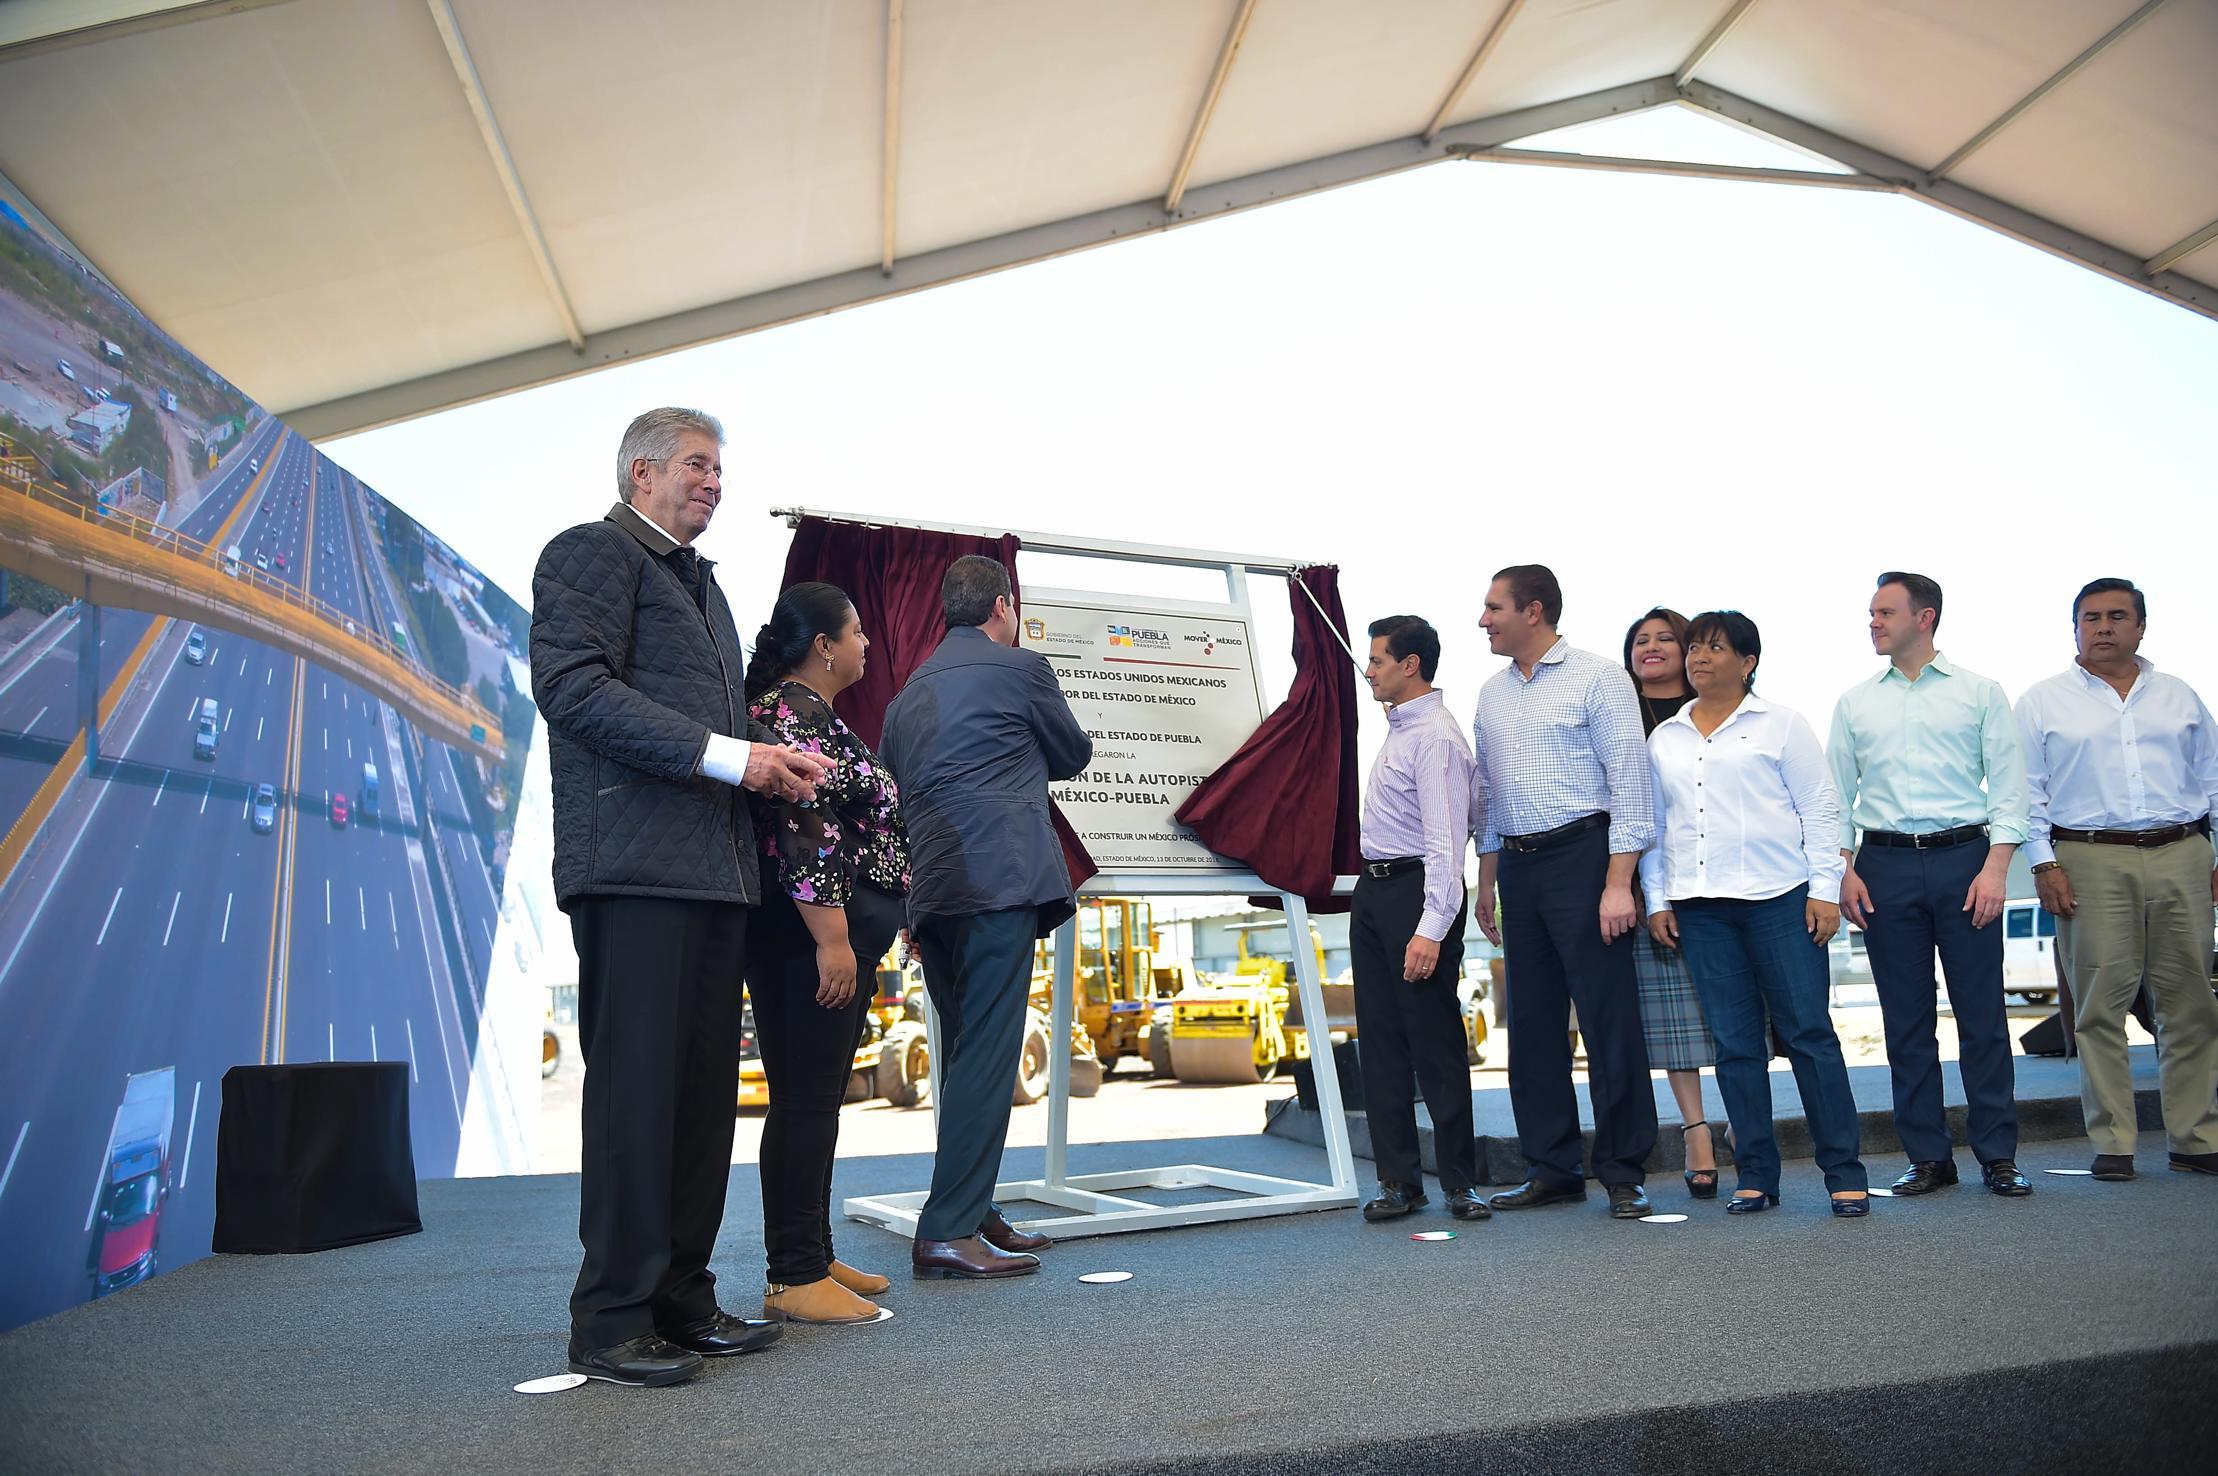 El proyecto representó una inversión de 2 mil 300 millones de pesos, que generaron más de cinco mil empleos directos e indirectos, impulsando la economía de la región.